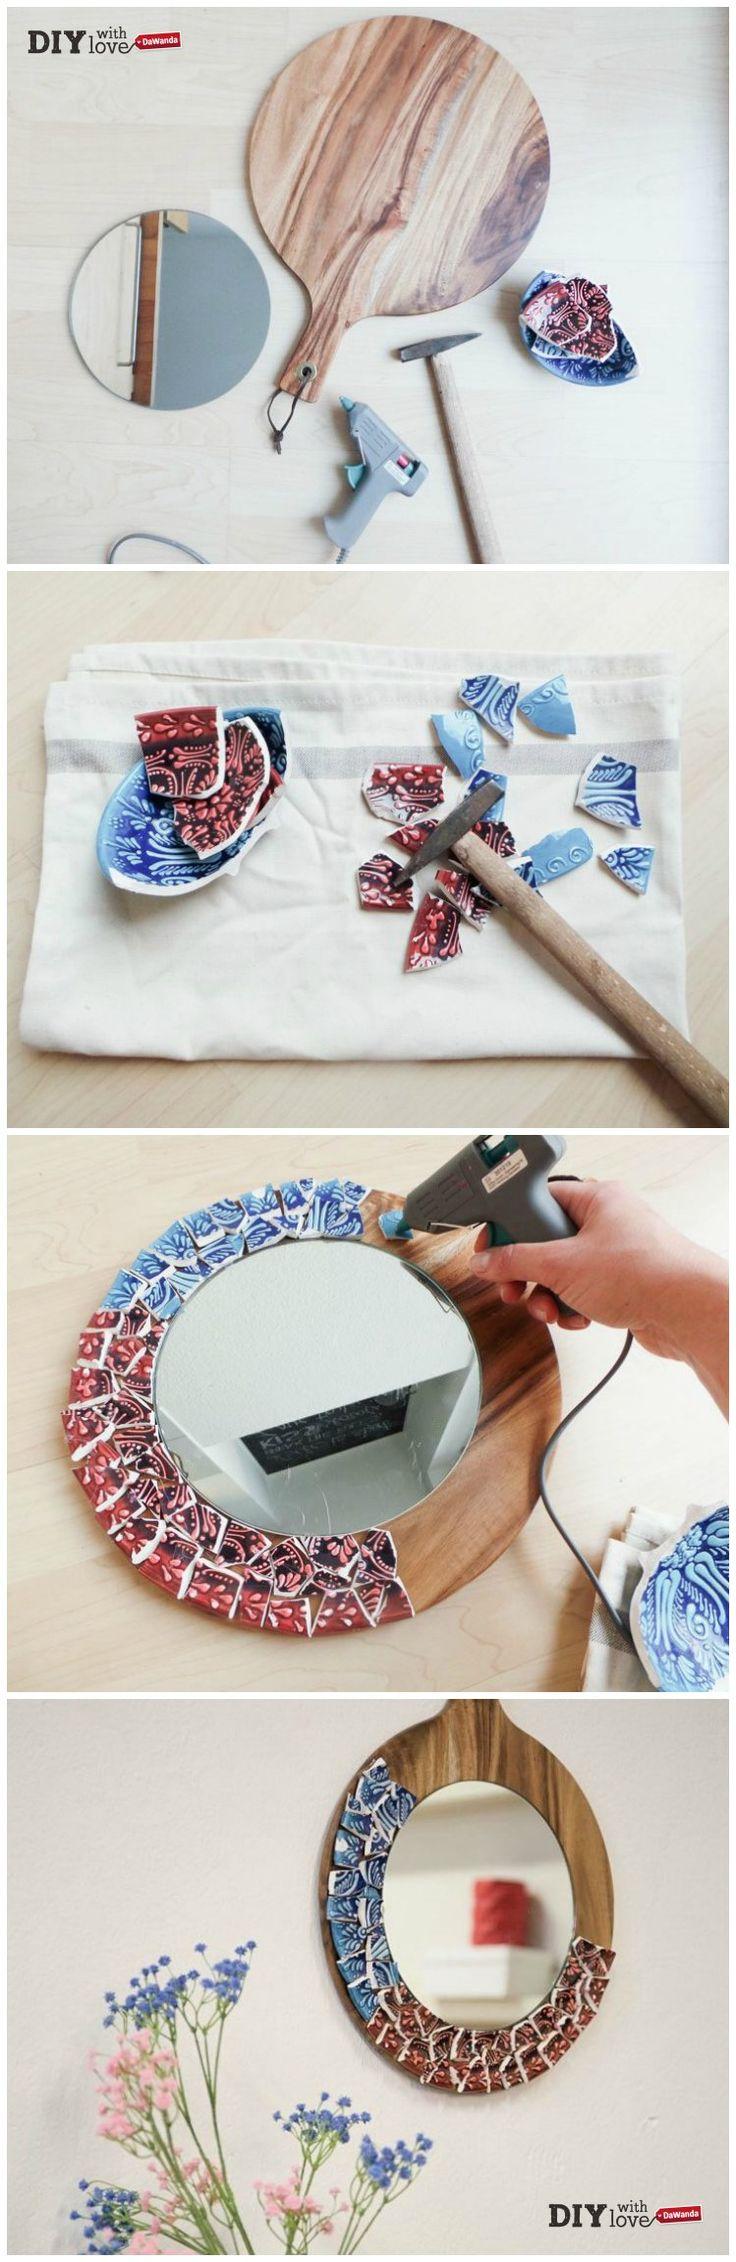 Uno specchio con mosaico in ceramica: ecco il tutorial per decorare la casa con stile!